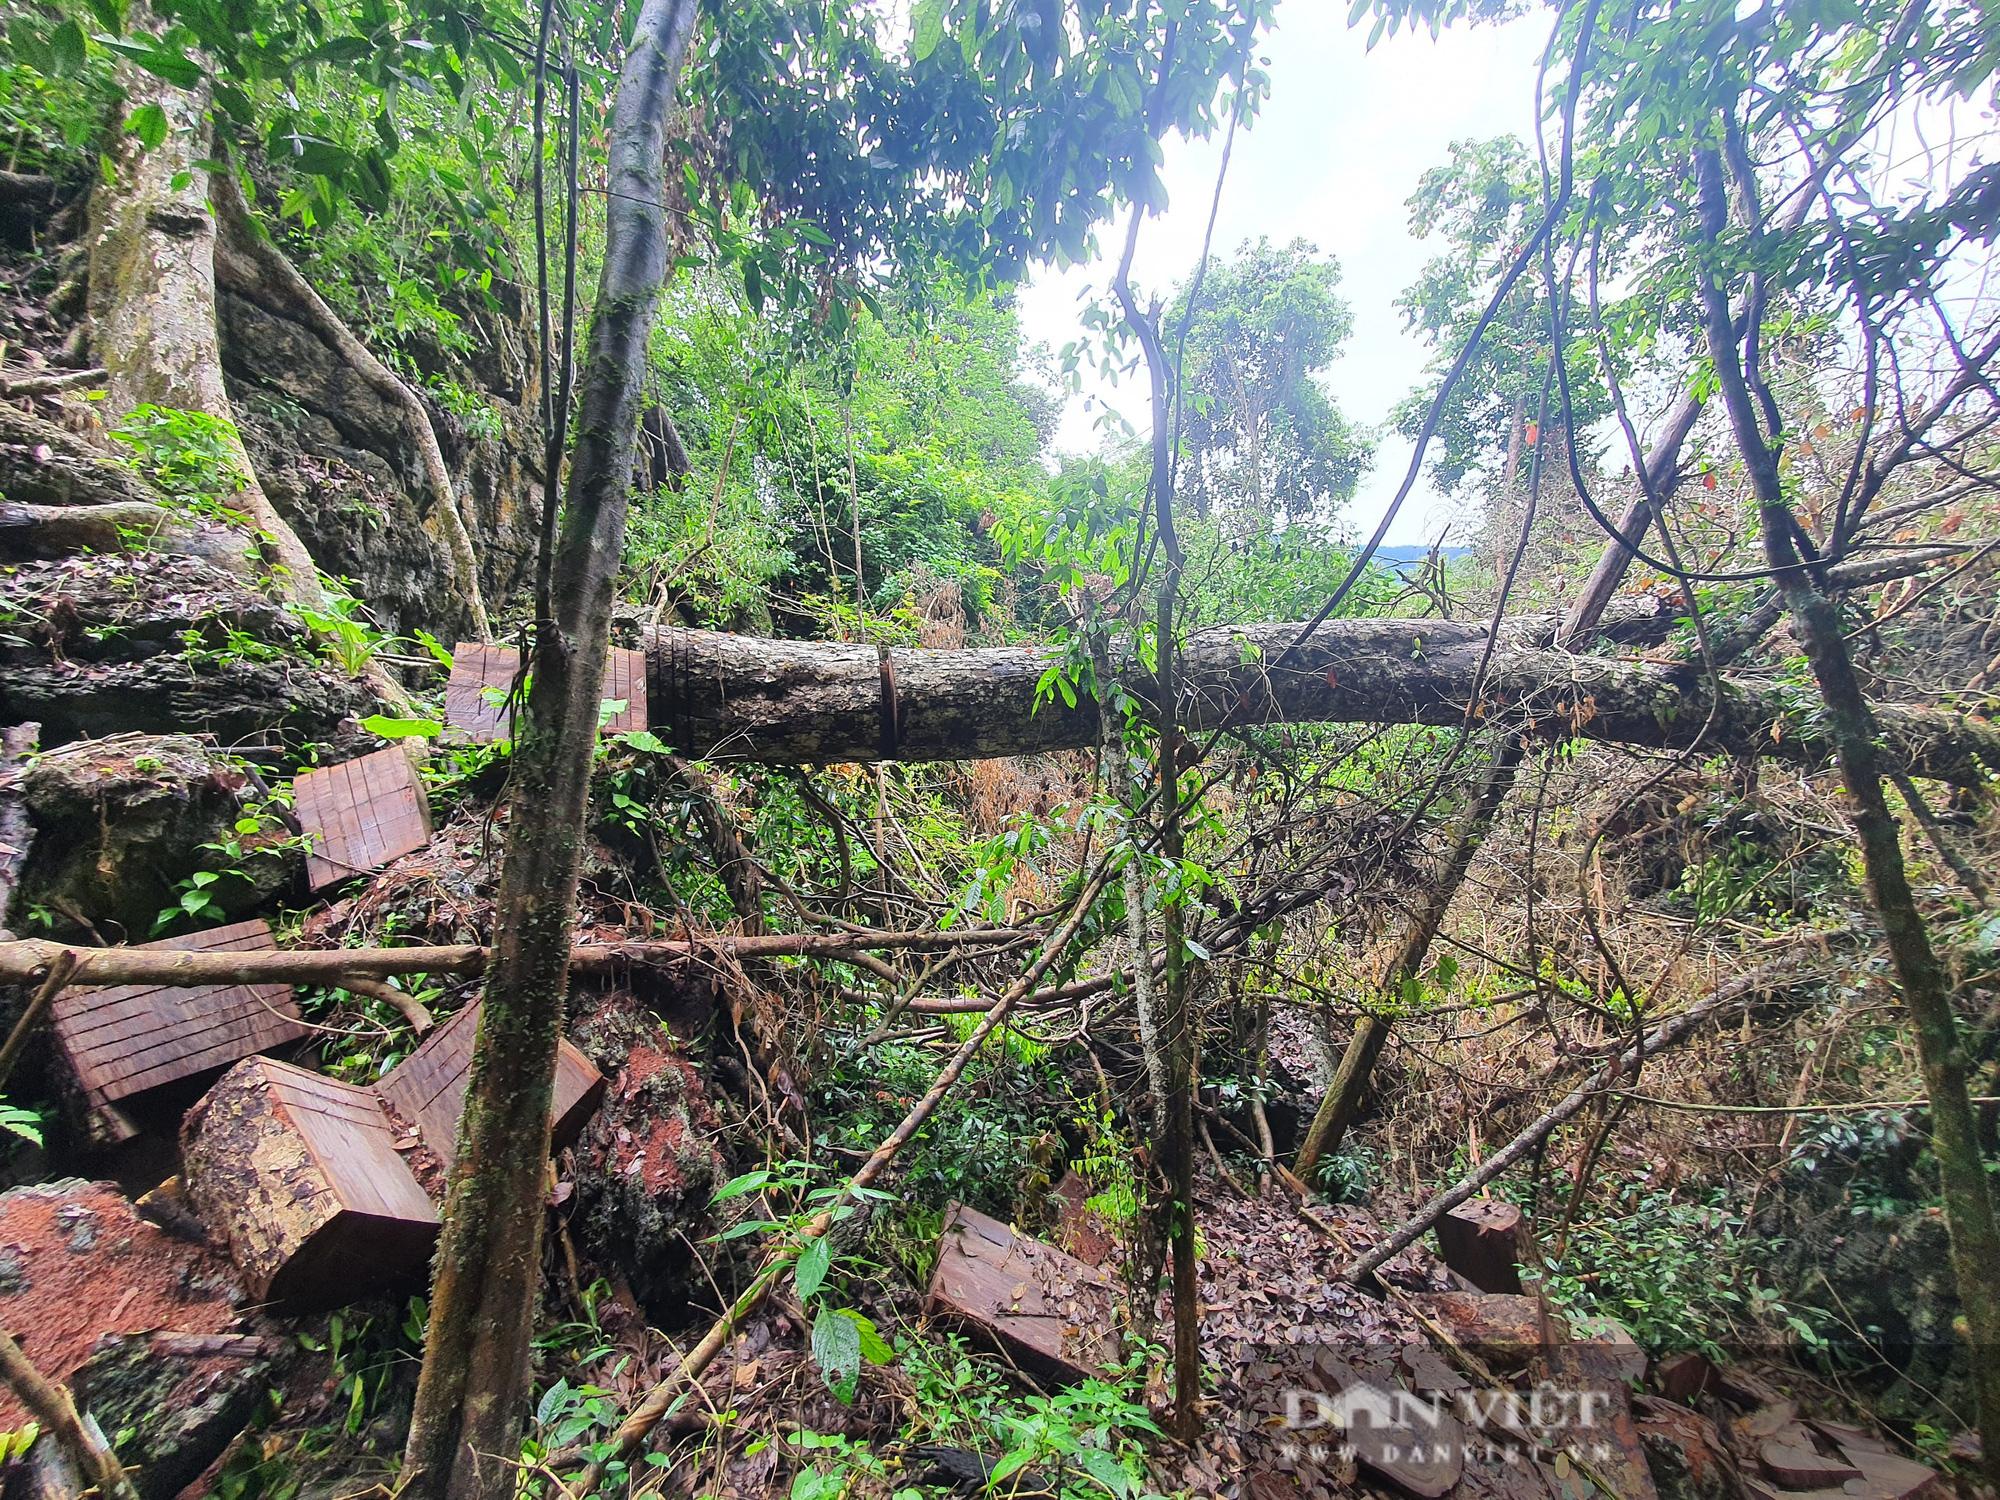 Video: Cận cảnh rừng nghiến cổ thụ VQG Du Già bị tàn phá - Ảnh 3.